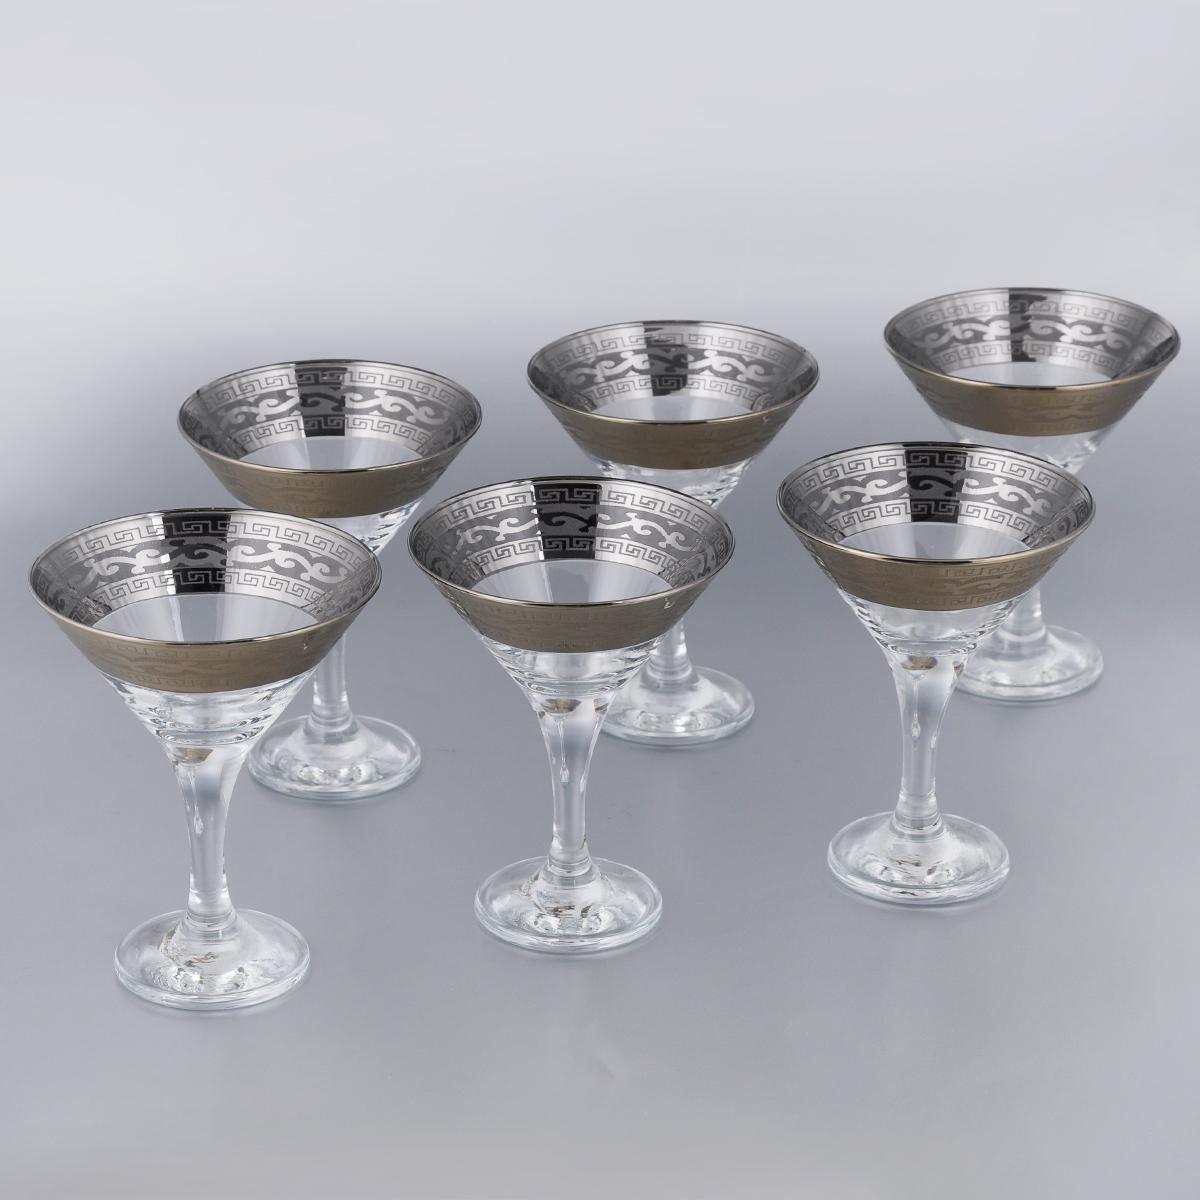 Набор бокалов для мартини Гусь-Хрустальный Версаче, 170 мл, 6 штVT-1520(SR)Набор Гусь-Хрустальный Версаче состоит из 6 бокалов на длинных ножках, изготовленных из высококачественного натрий-кальций-силикатного стекла. Изделия оформлены оригинальной окантовкой и предназначены для подачи мартини. Такой набор прекрасно дополнит праздничный стол и станет желанным подарком в любом доме. Разрешается мыть в посудомоечной машине. Диаметр бокала (по верхнему краю): 10,5 см. Высота бокала: 13,5 см. Диаметр основания бокала: 6,3 см.